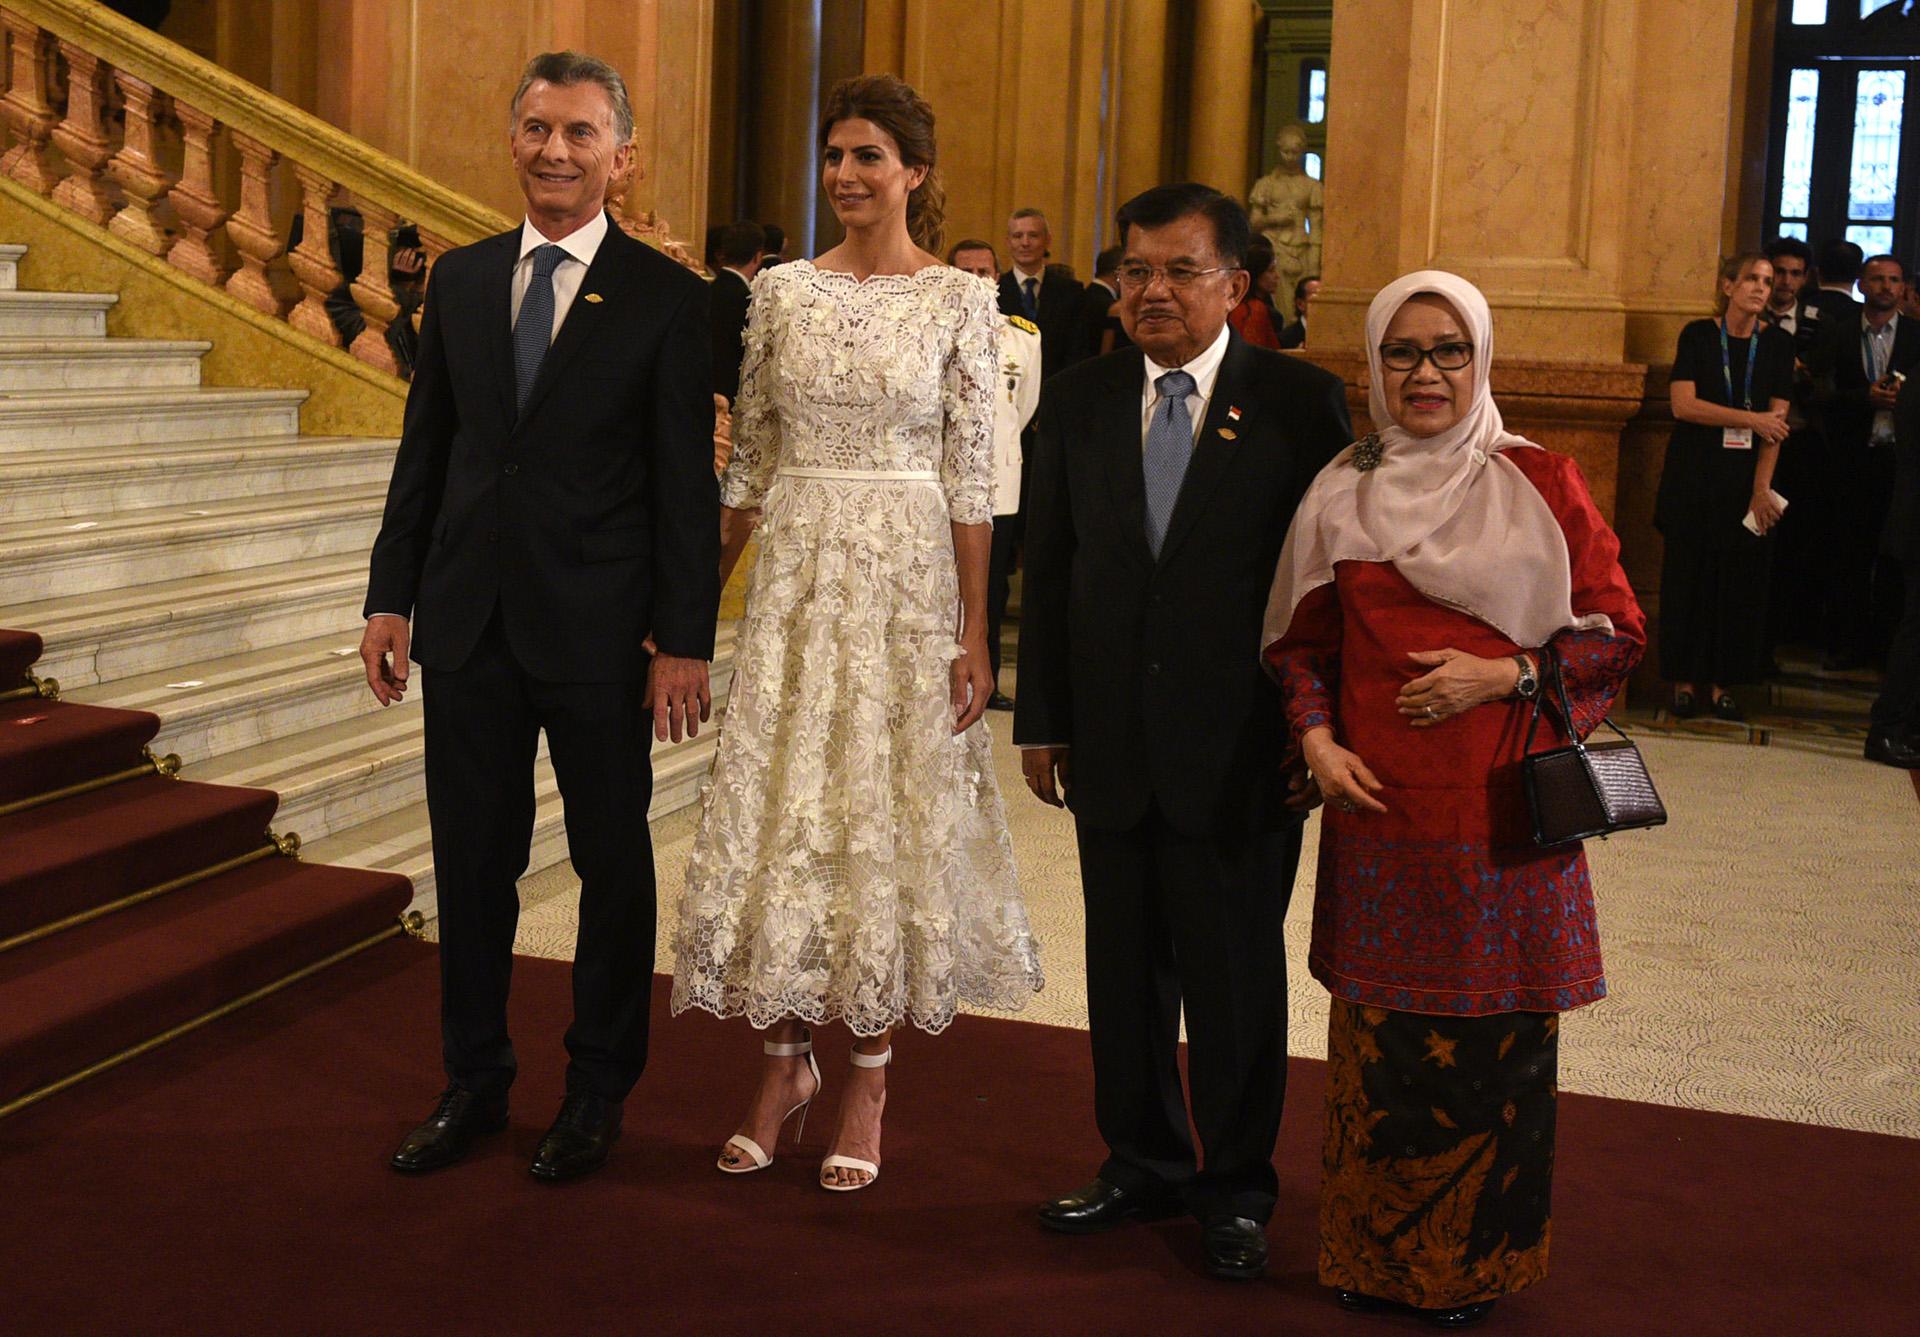 El matrimonio presidencial argentina junto a Jusuf Kalla, el vicepresidente de Indonesia y Mufidah Jusuf Kalla